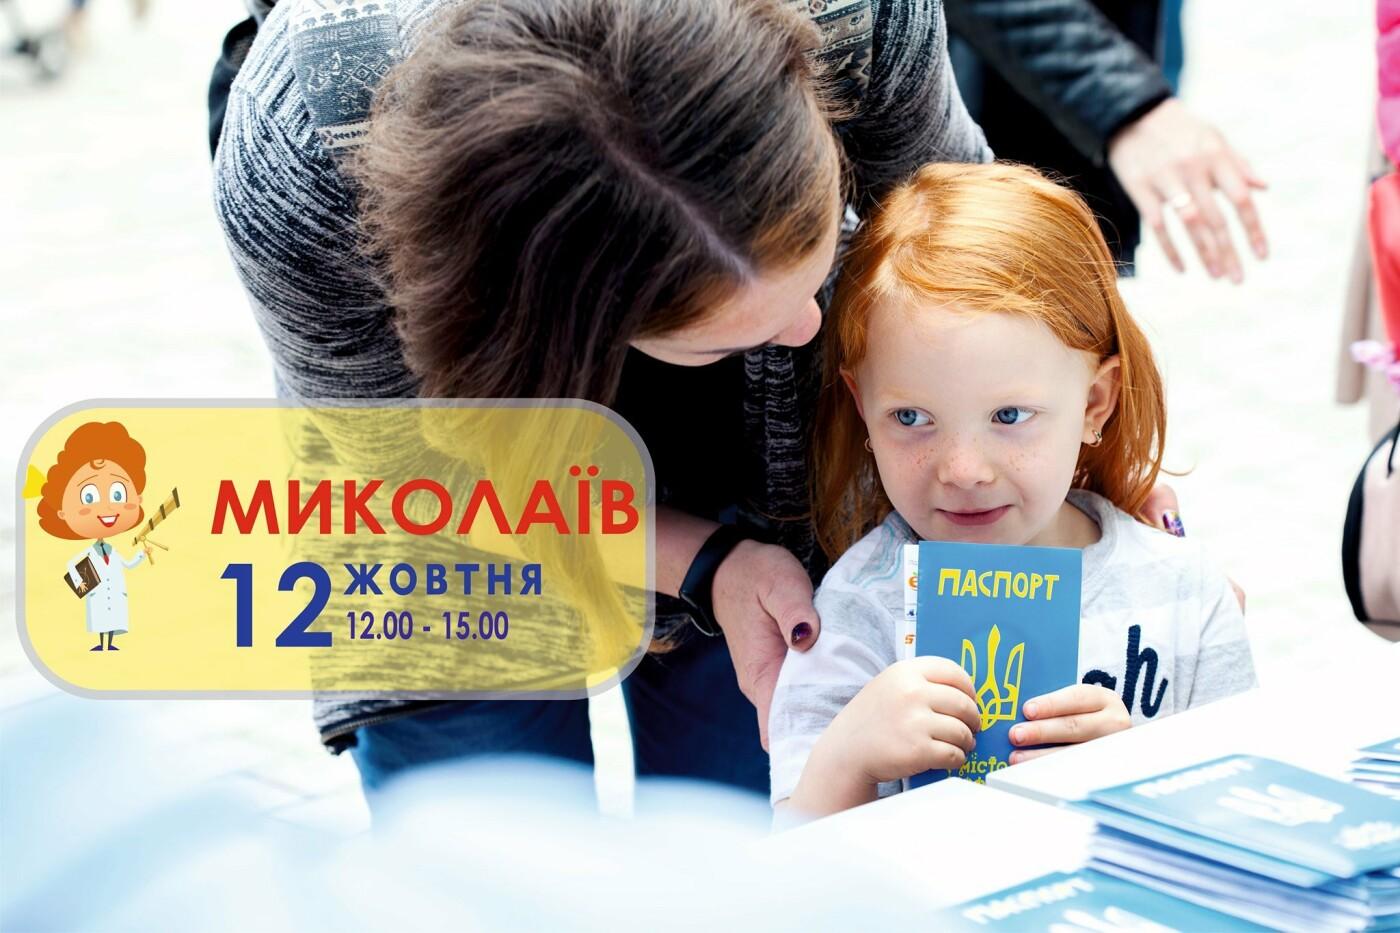 ТОП-8 самых долгожданных событий этой осени в Николаеве, фото-6